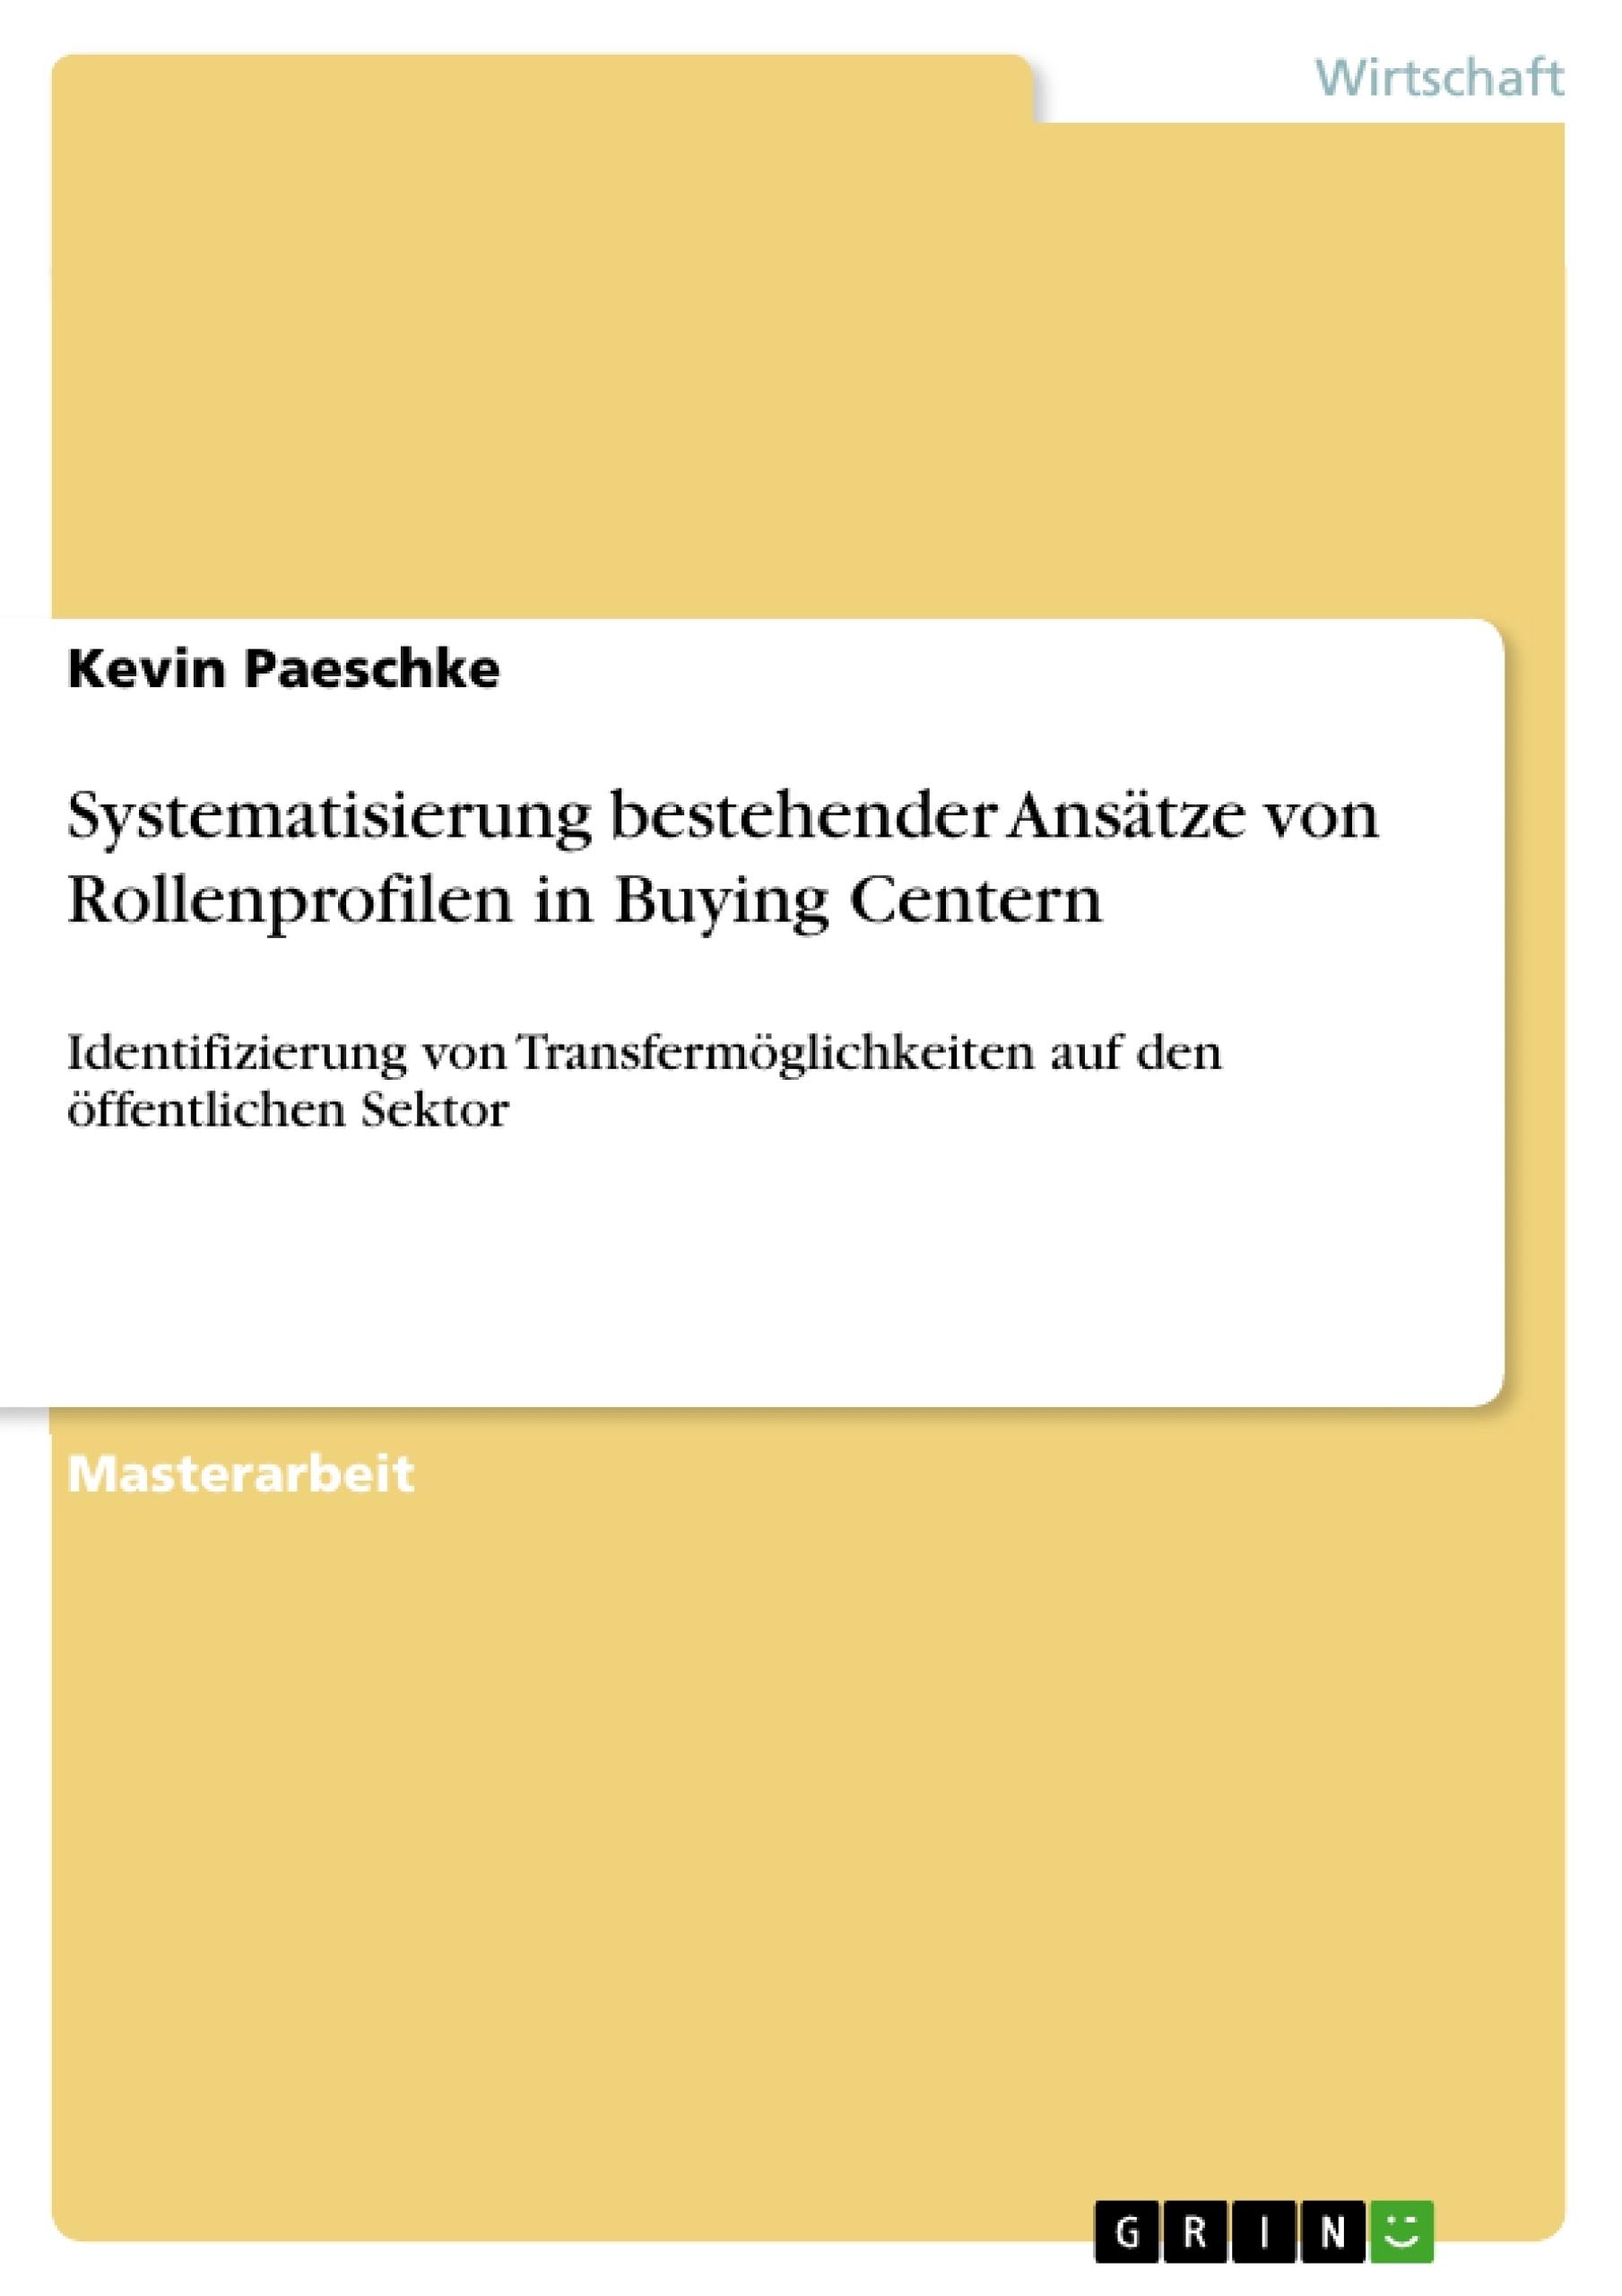 Titel: Systematisierung bestehender Ansätze von Rollenprofilen in Buying Centern